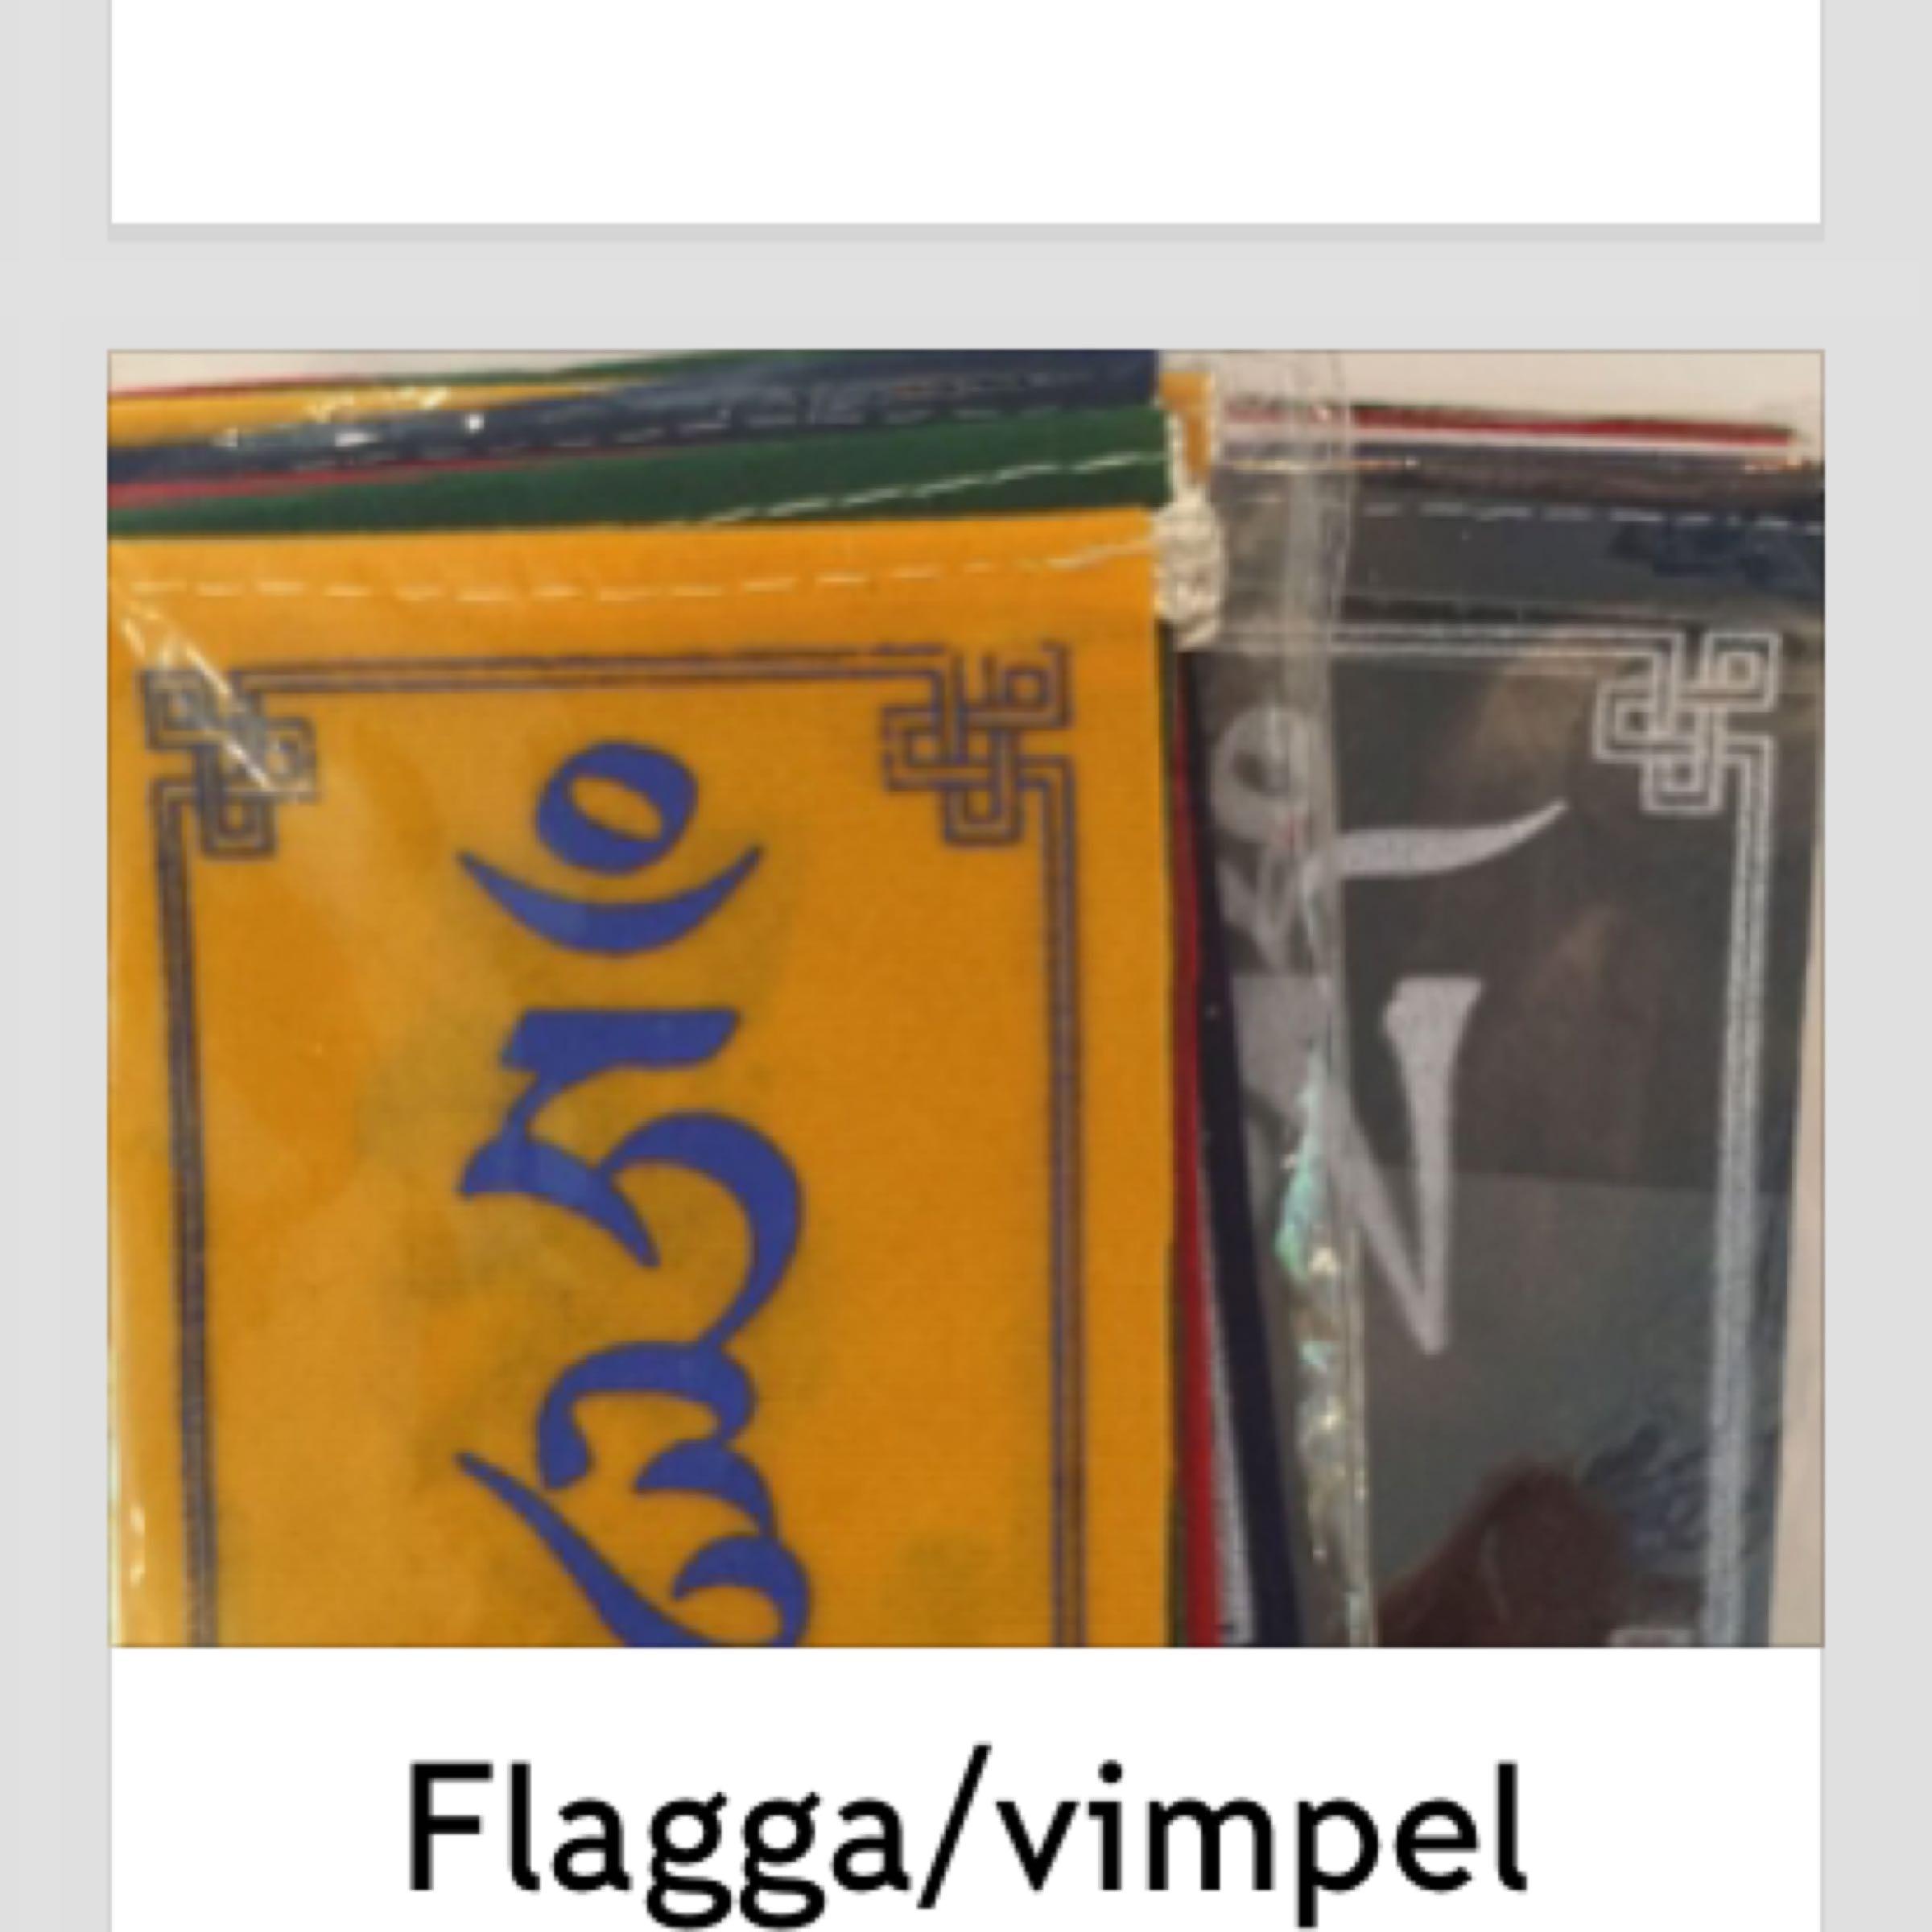 Flagga/vimpel